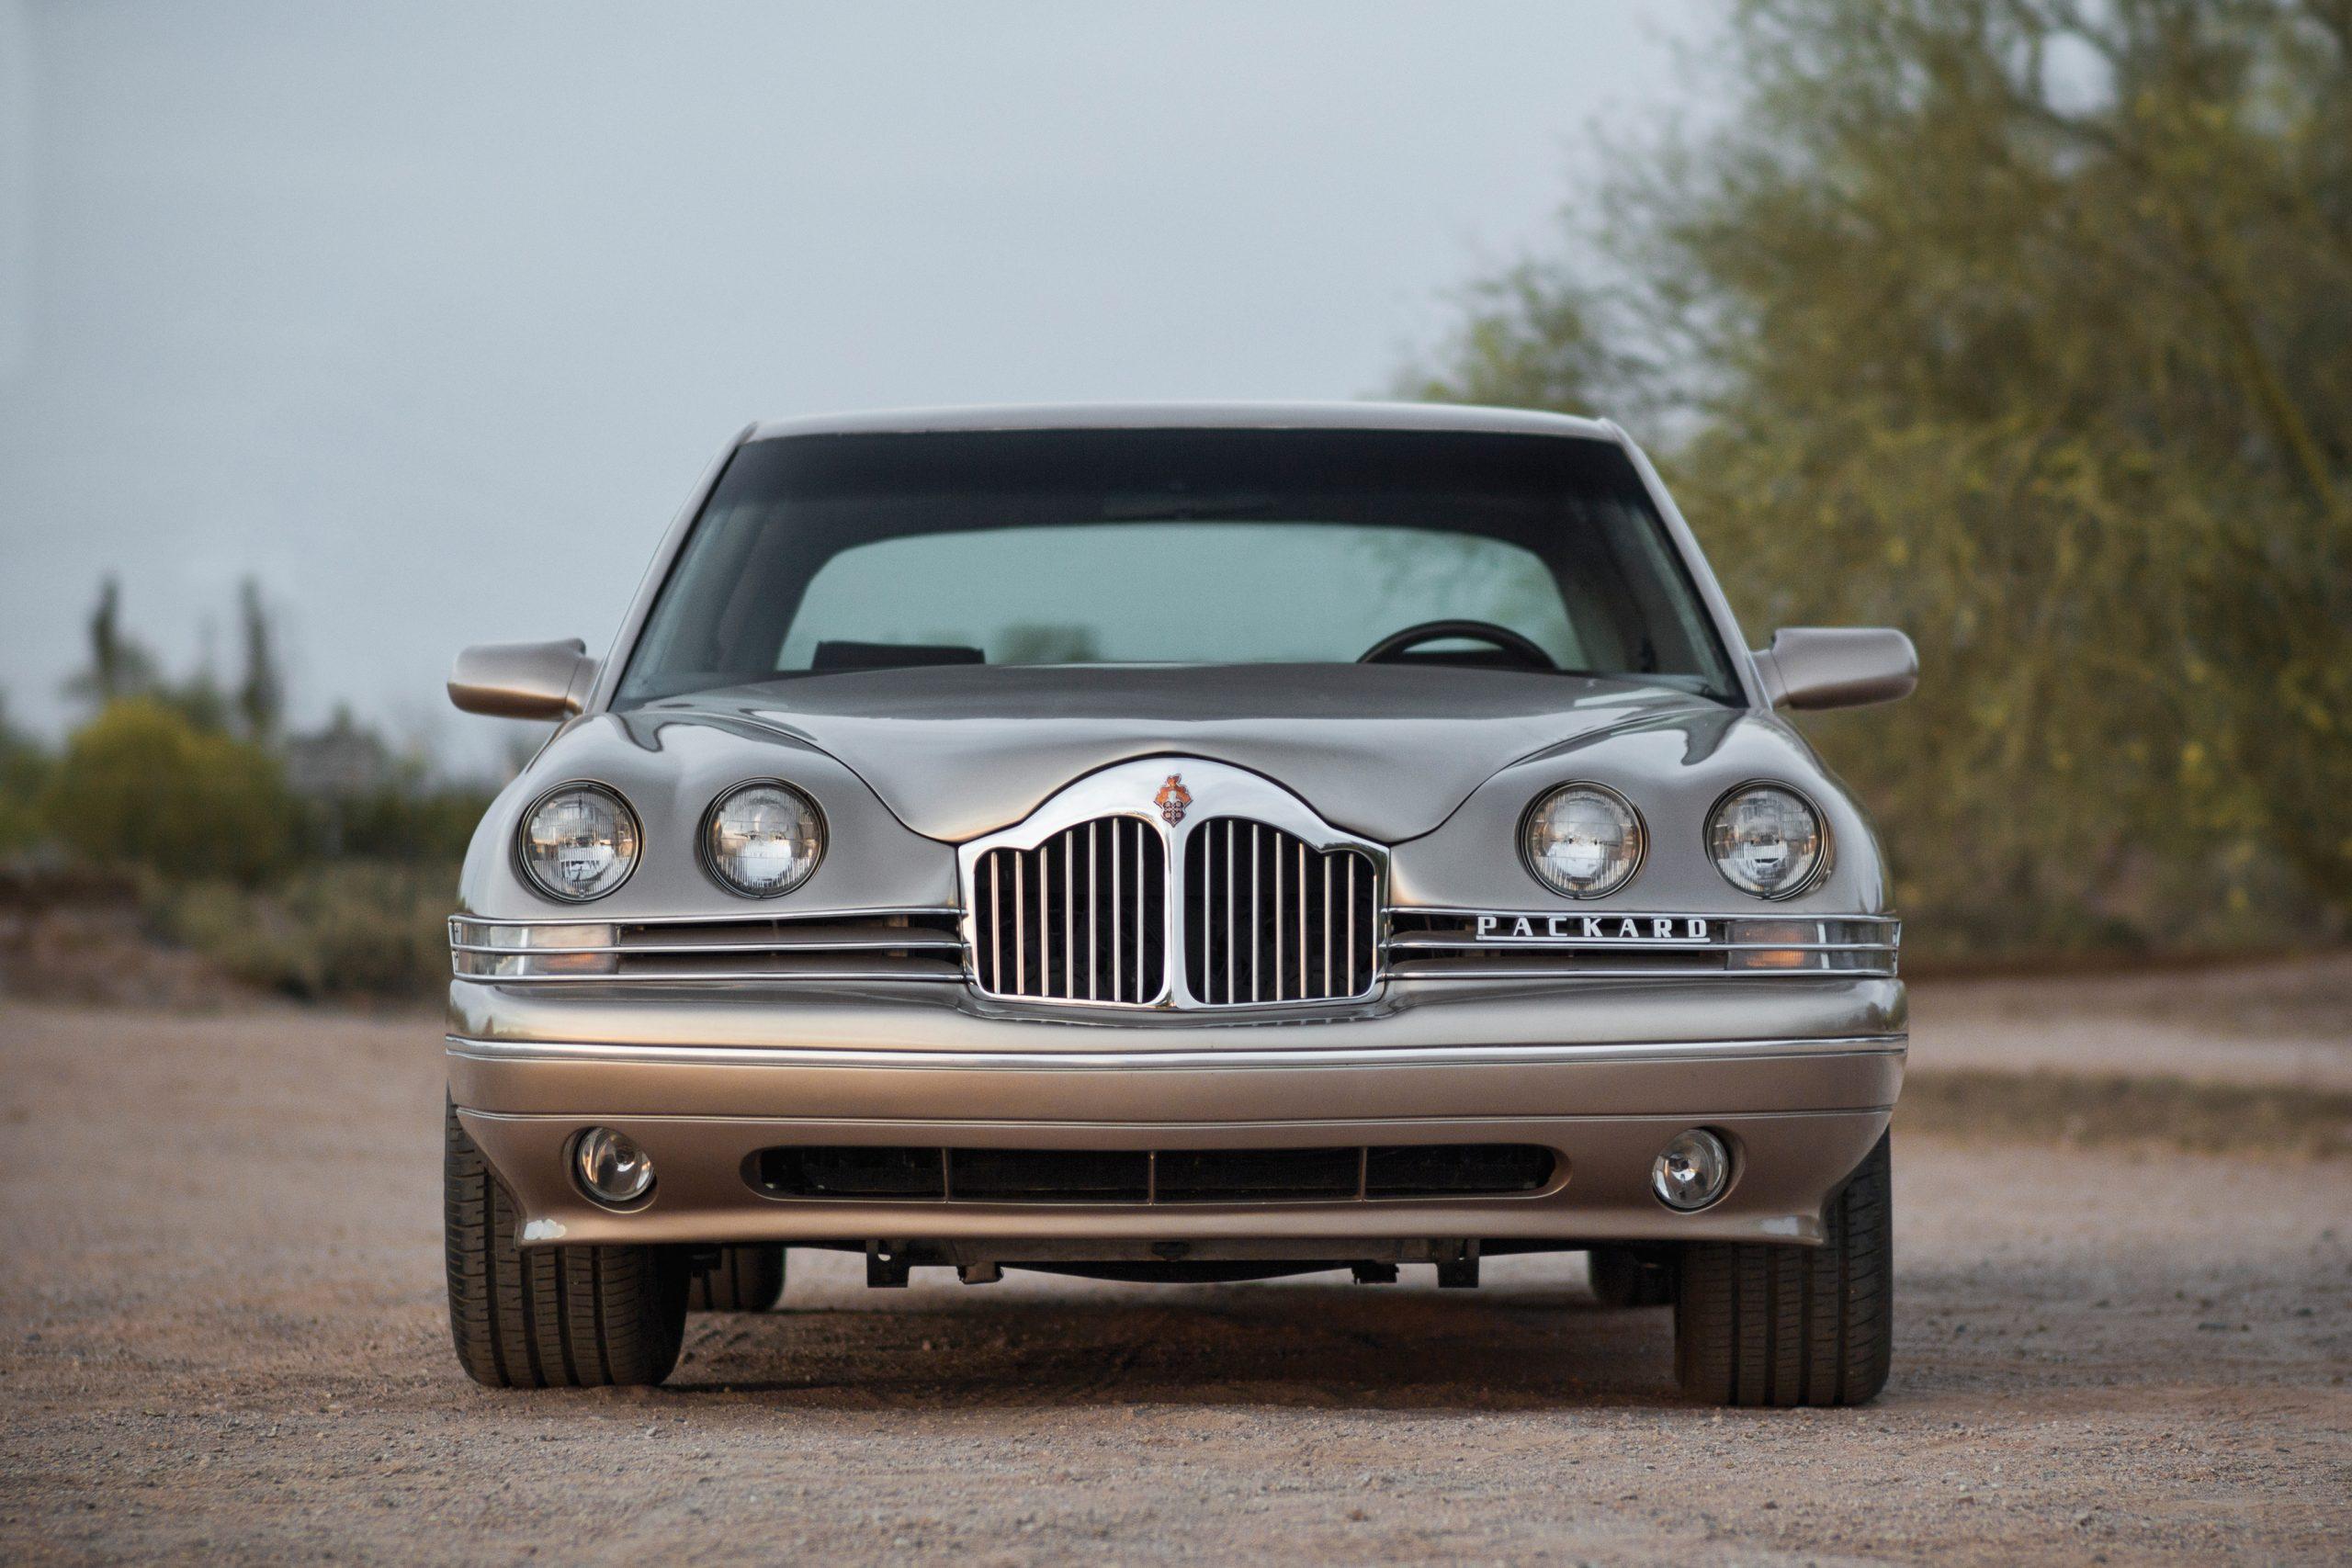 1999 Packard Twelve Prototype front